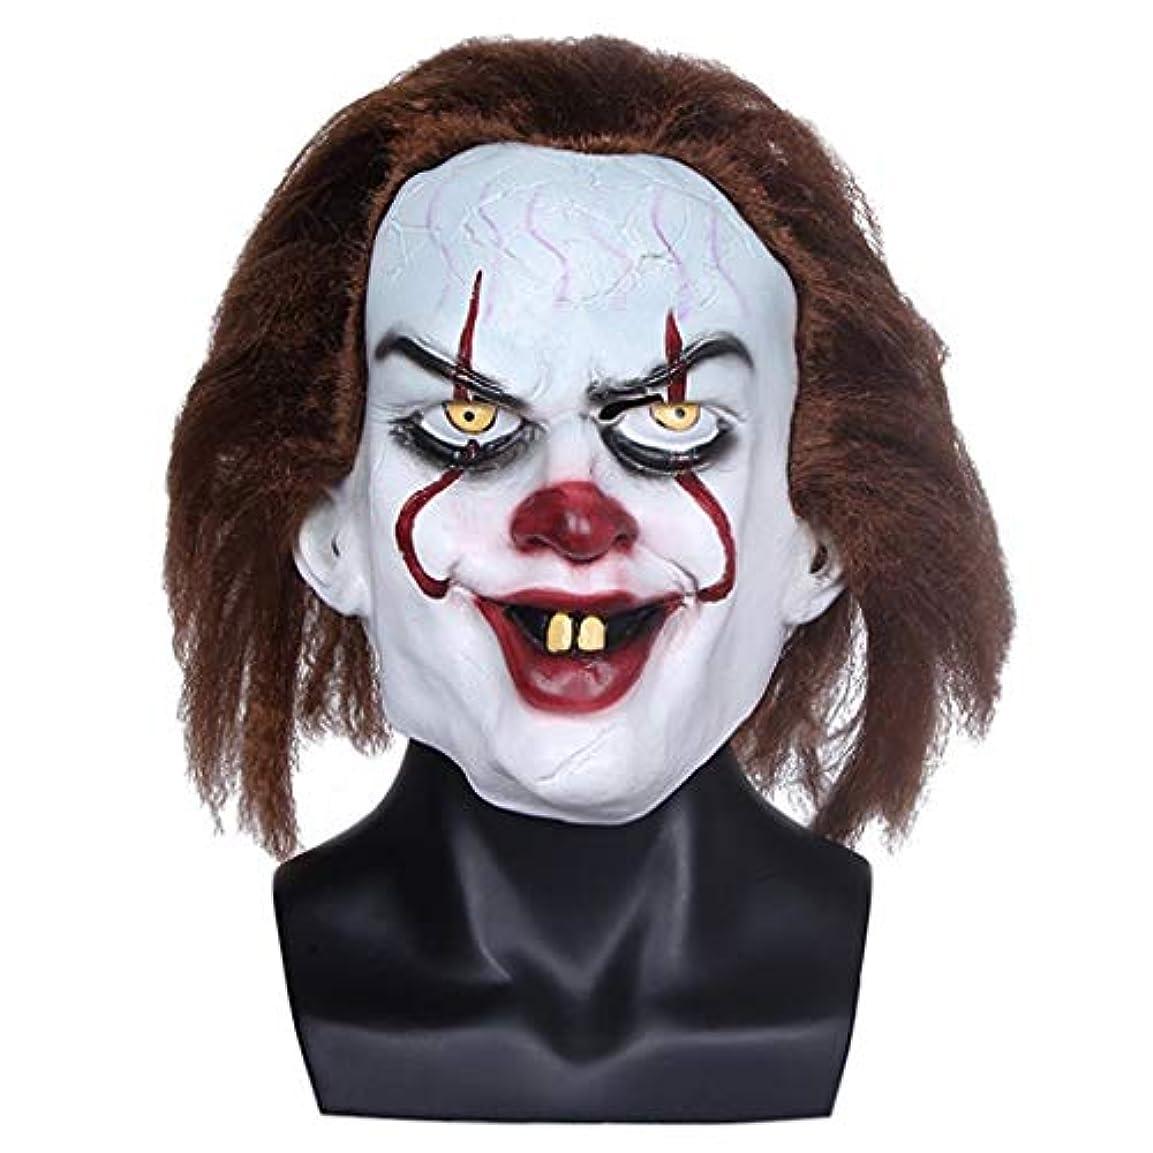 同意ソフトウェアプレゼンテーションハロウィンマスク大人の男性用ラテックスヘッドギアホラーピエロマスク笑顔変な顔映画小道具仮面舞踏会マスク